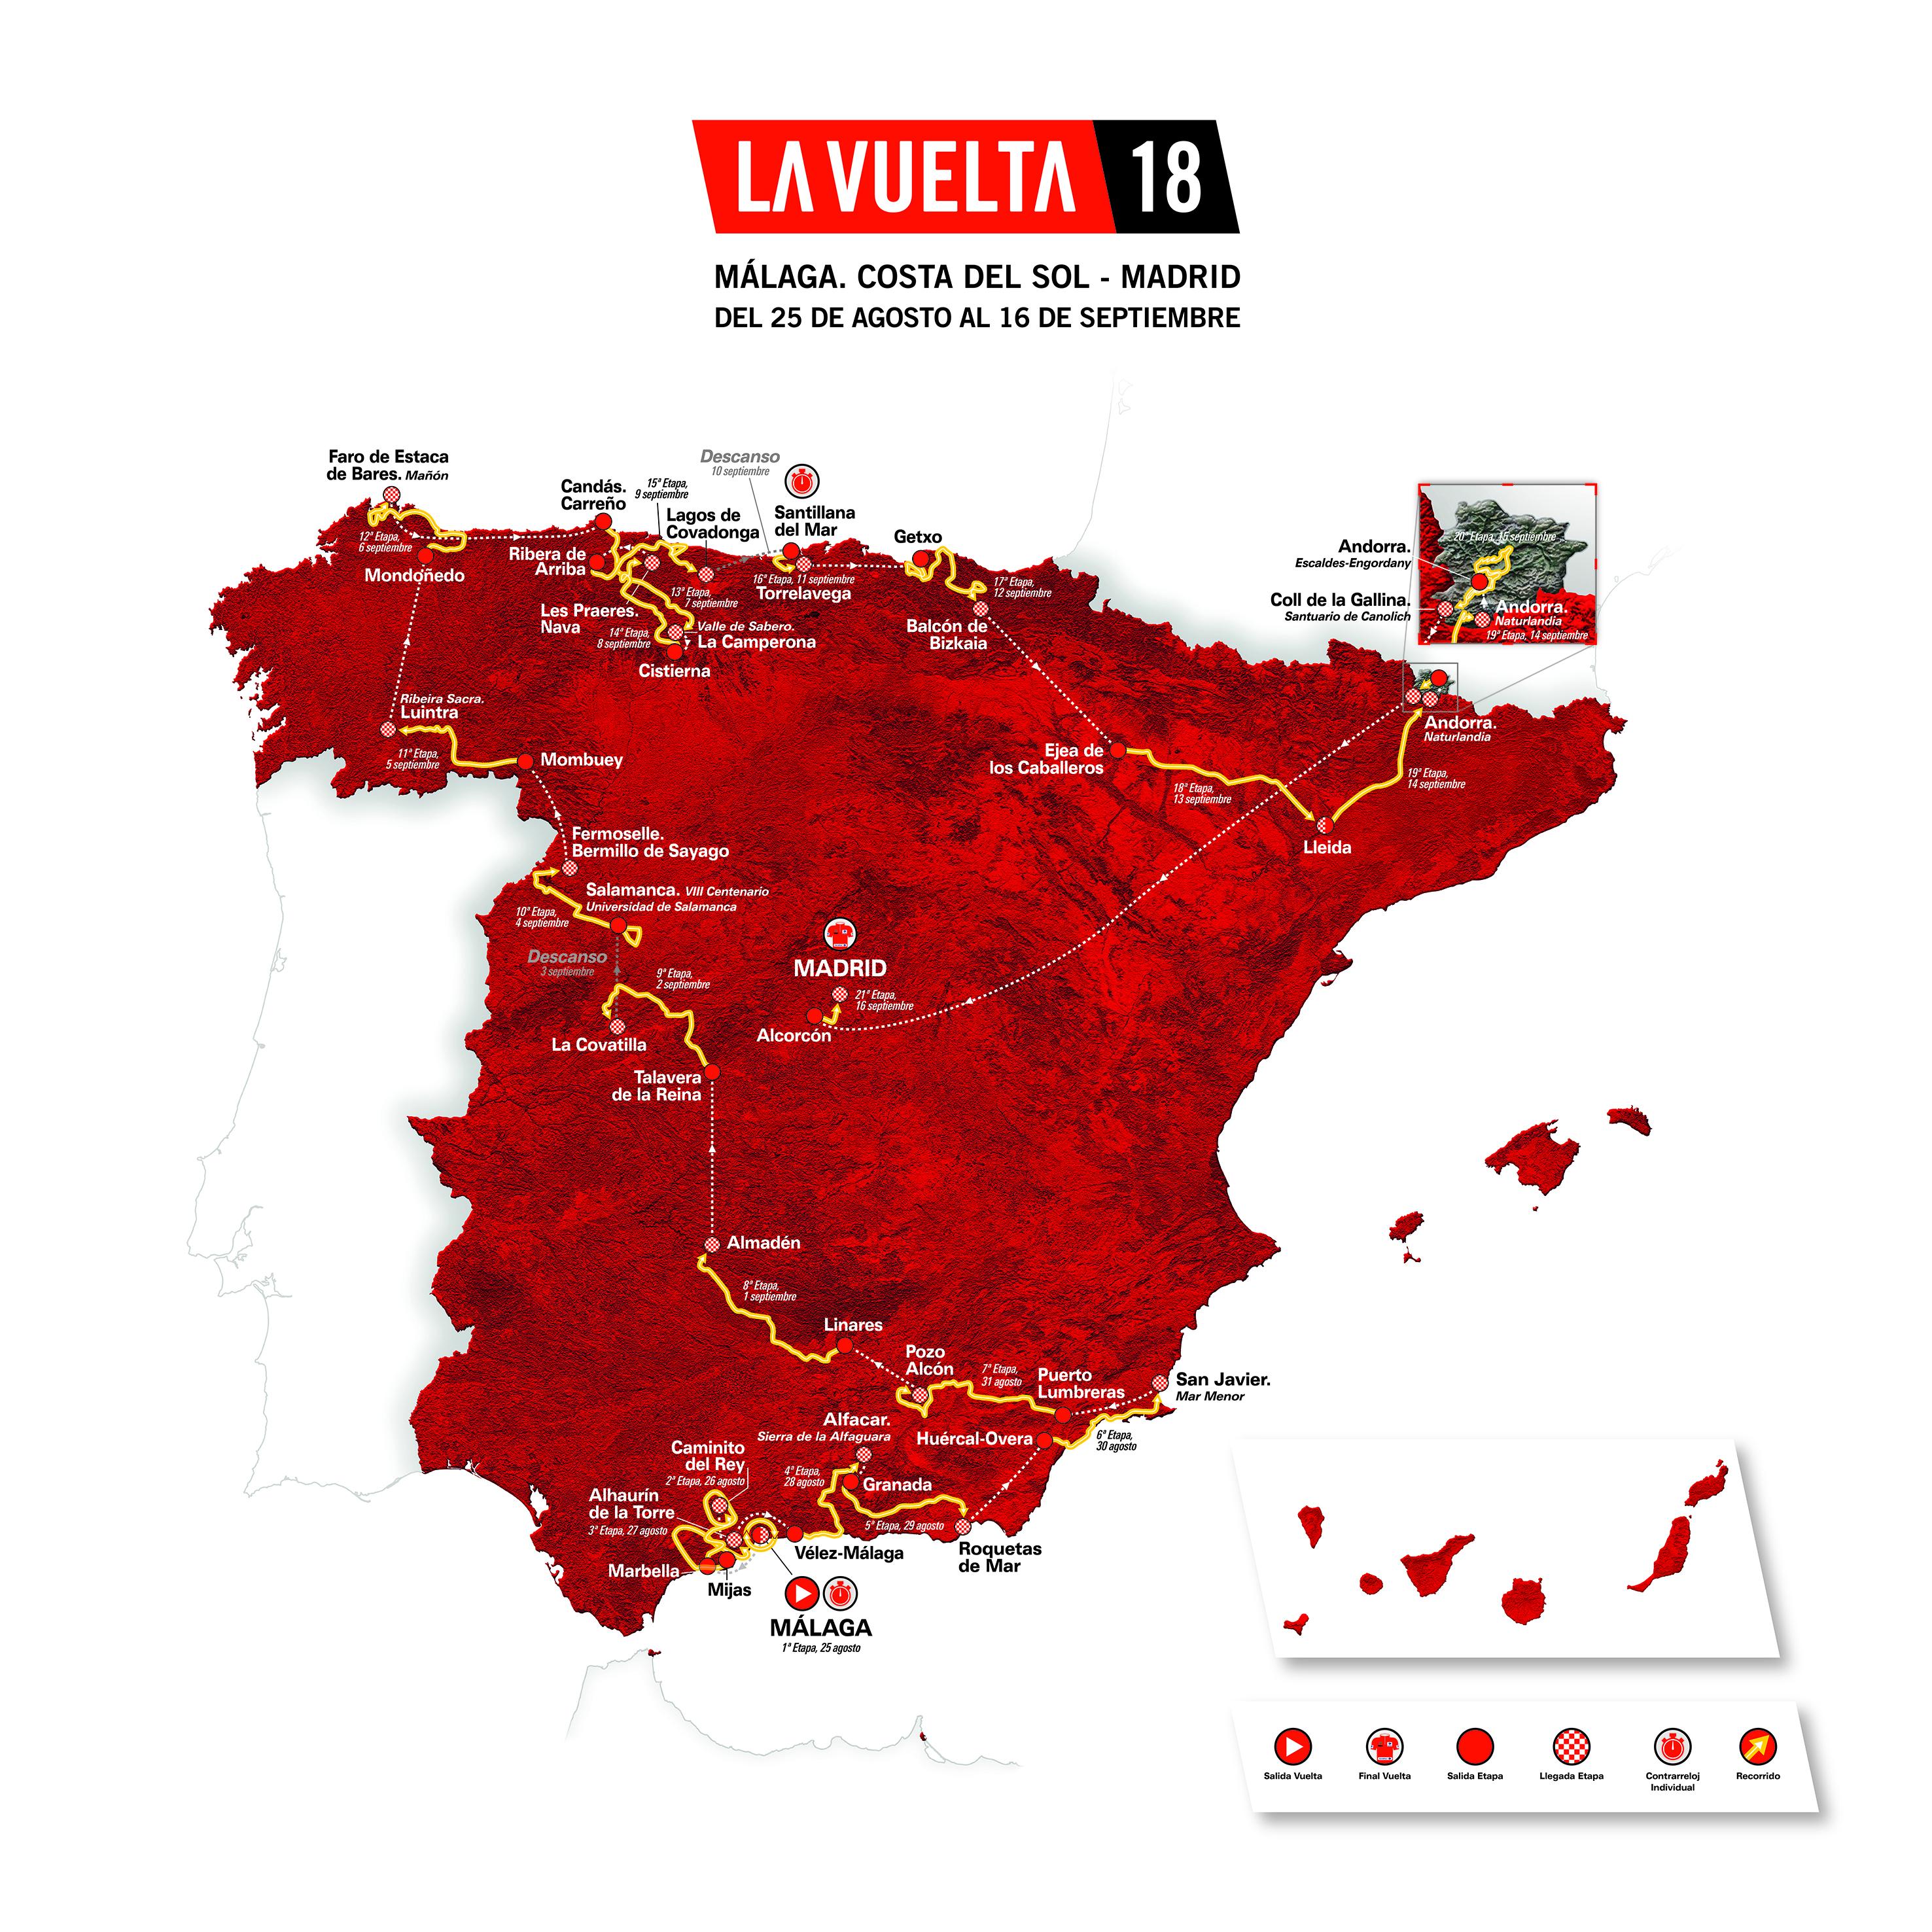 Vuelta_2018_Mapa.jpg